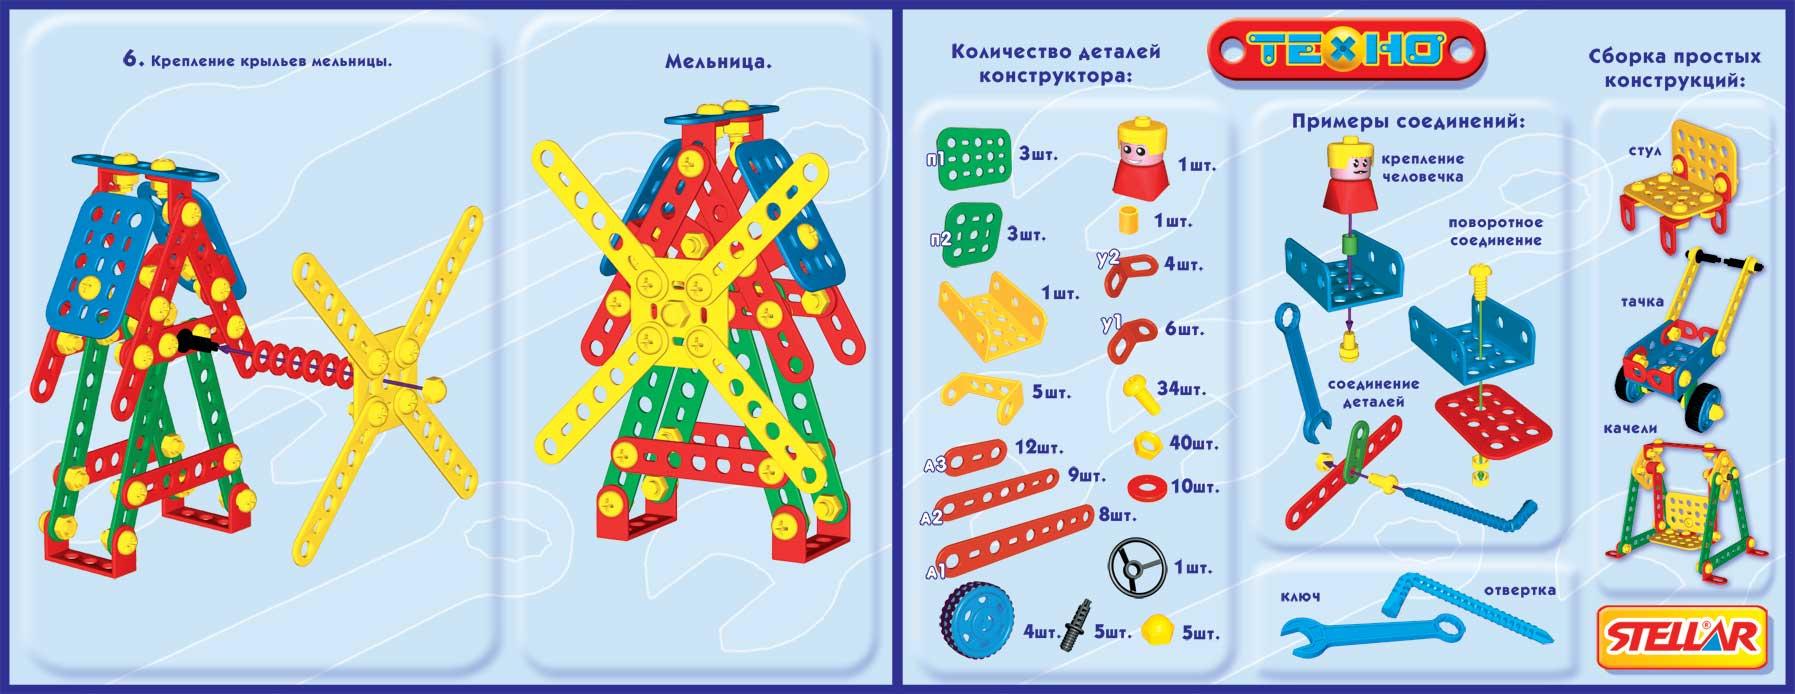 Как сделать конструктор для детей 755